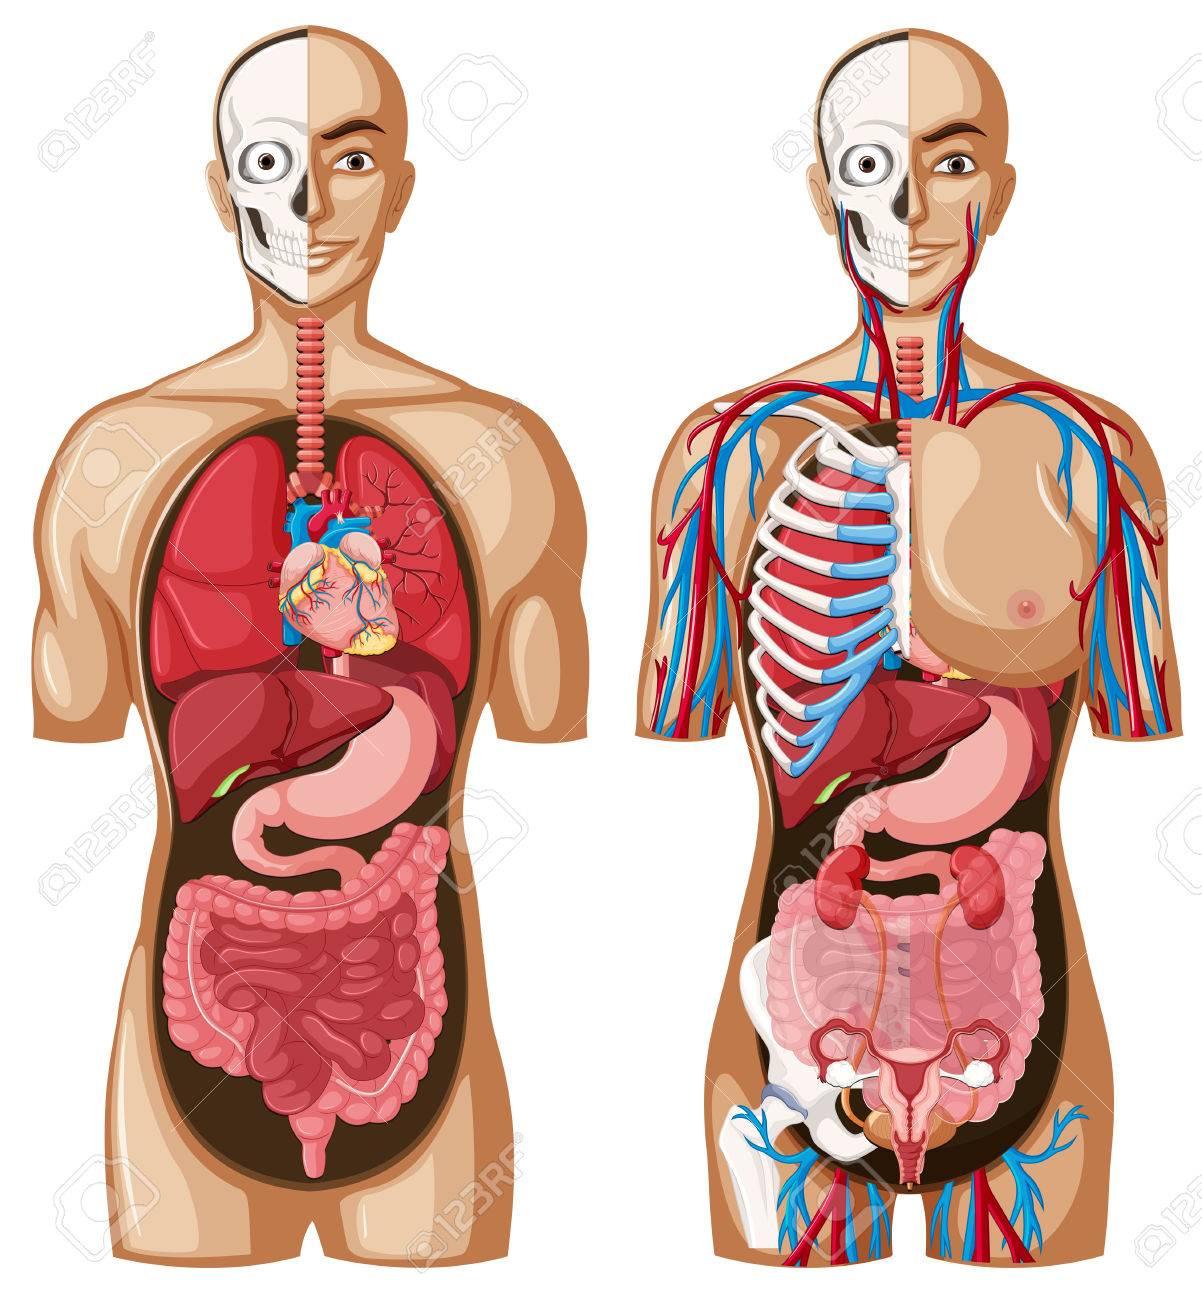 Increíble Modelo De Anatomía Humana Colección de Imágenes - Imágenes ...